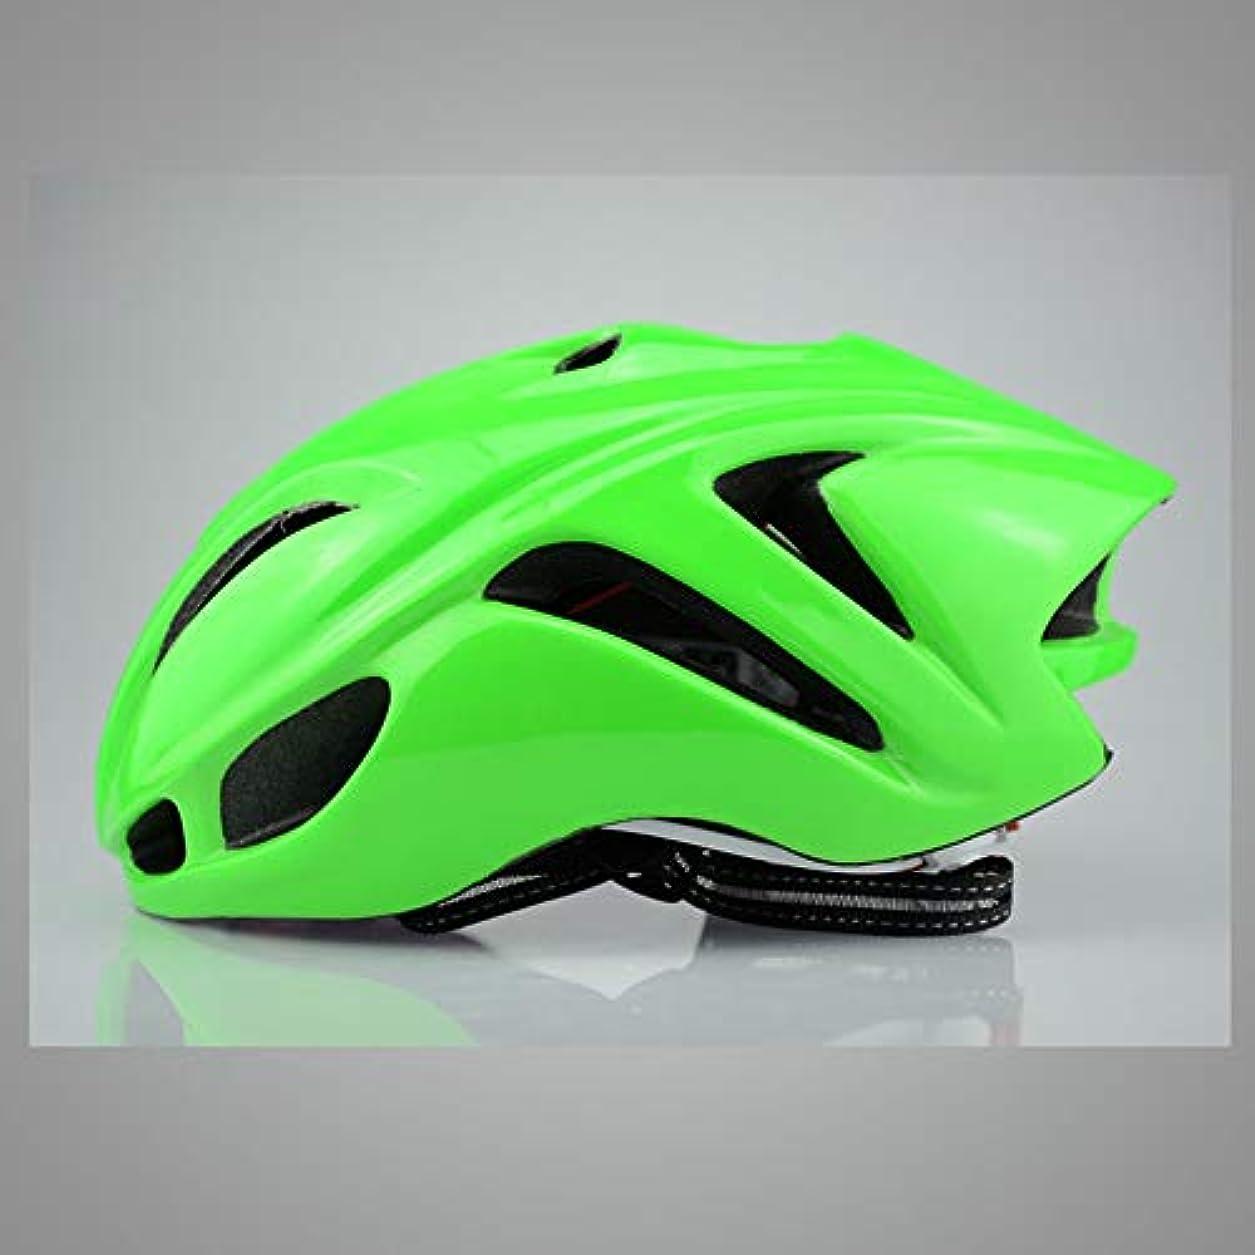 ゴルフ所属教えるHYH 人および女性の通気性の快適なヘルメットのための自転車のマウンテンバイクの統合された形成のヘルメット いい人生 (Color : Green)